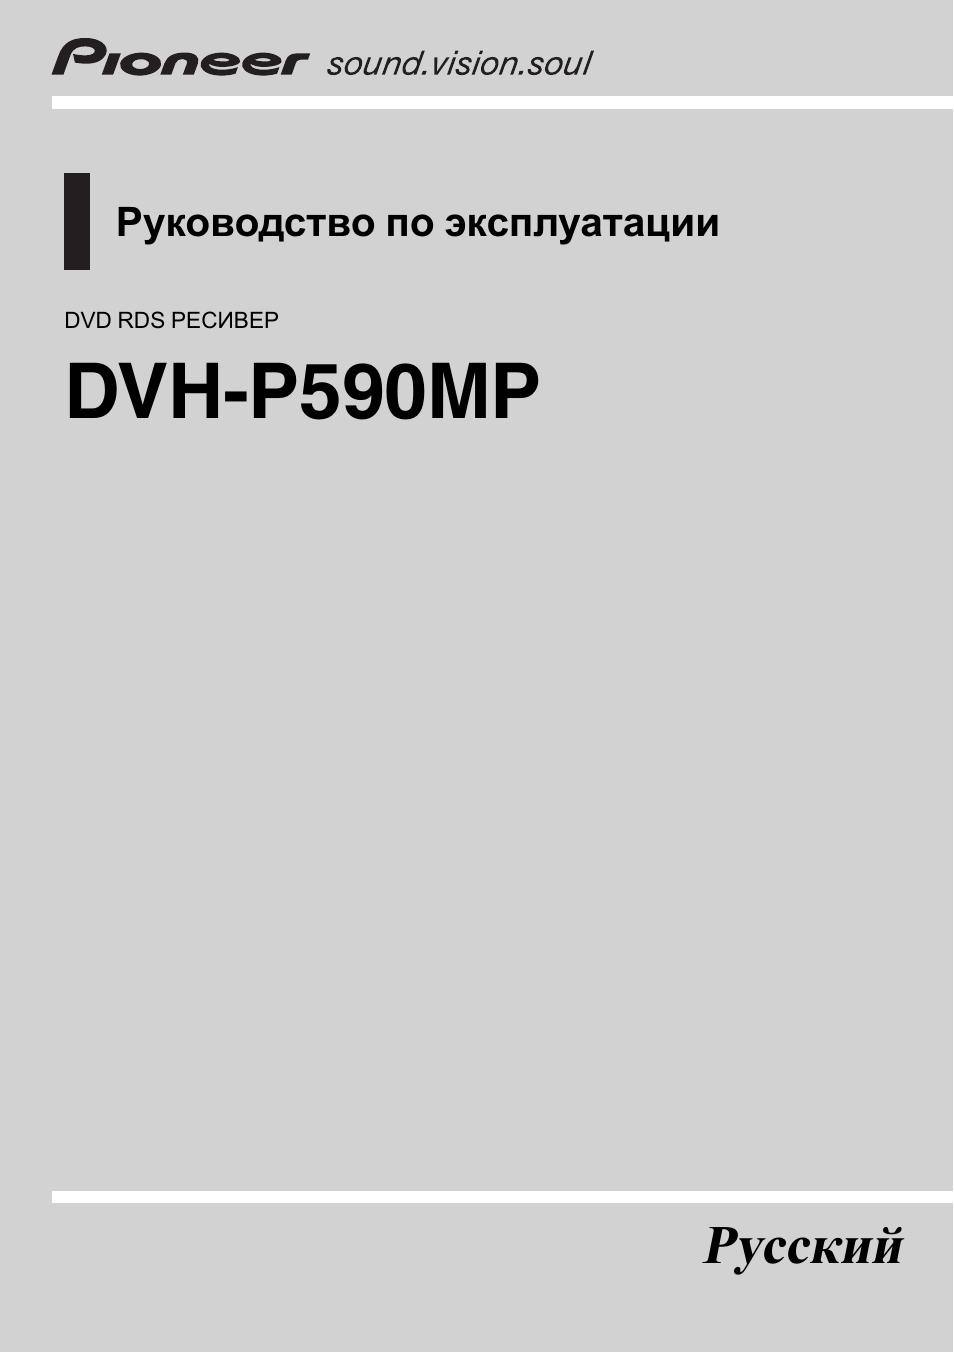 инструкция pioneer dvh-p590mp